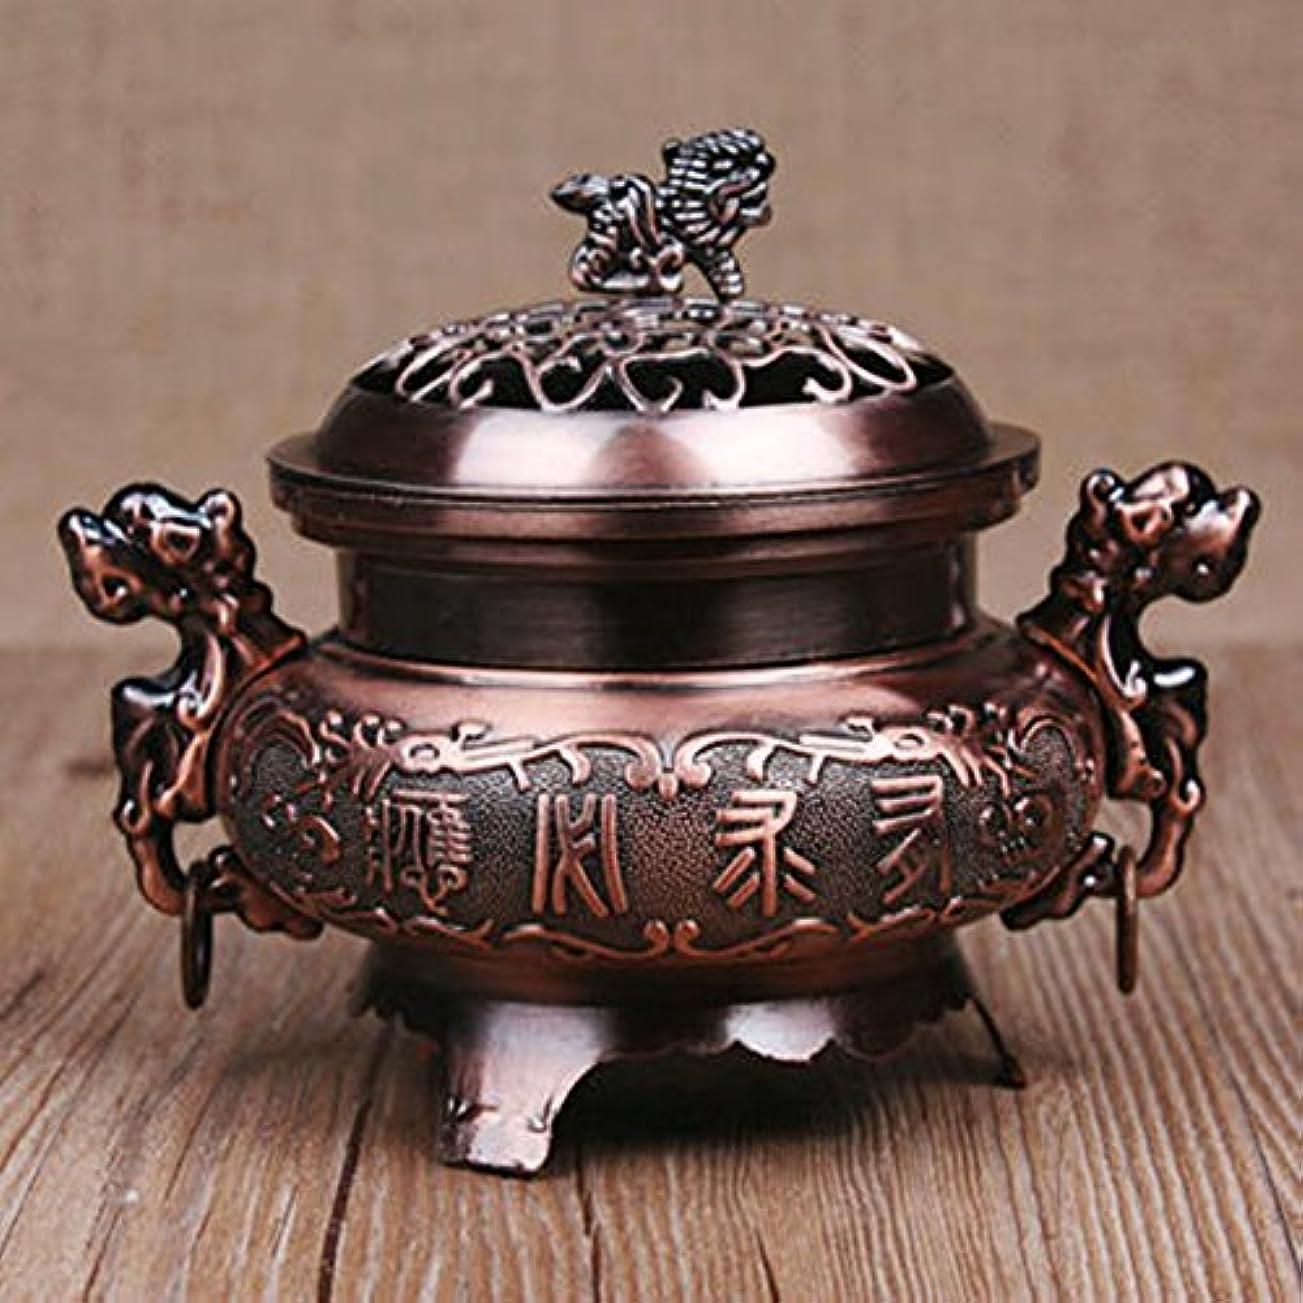 シェフずんぐりしたエンティティocamo香炉レトロスタイル合金香炉ダブルドラゴンHollowカバーCenser円錐ホルダーホーム装飾 WCJ-jiaju-0408-22